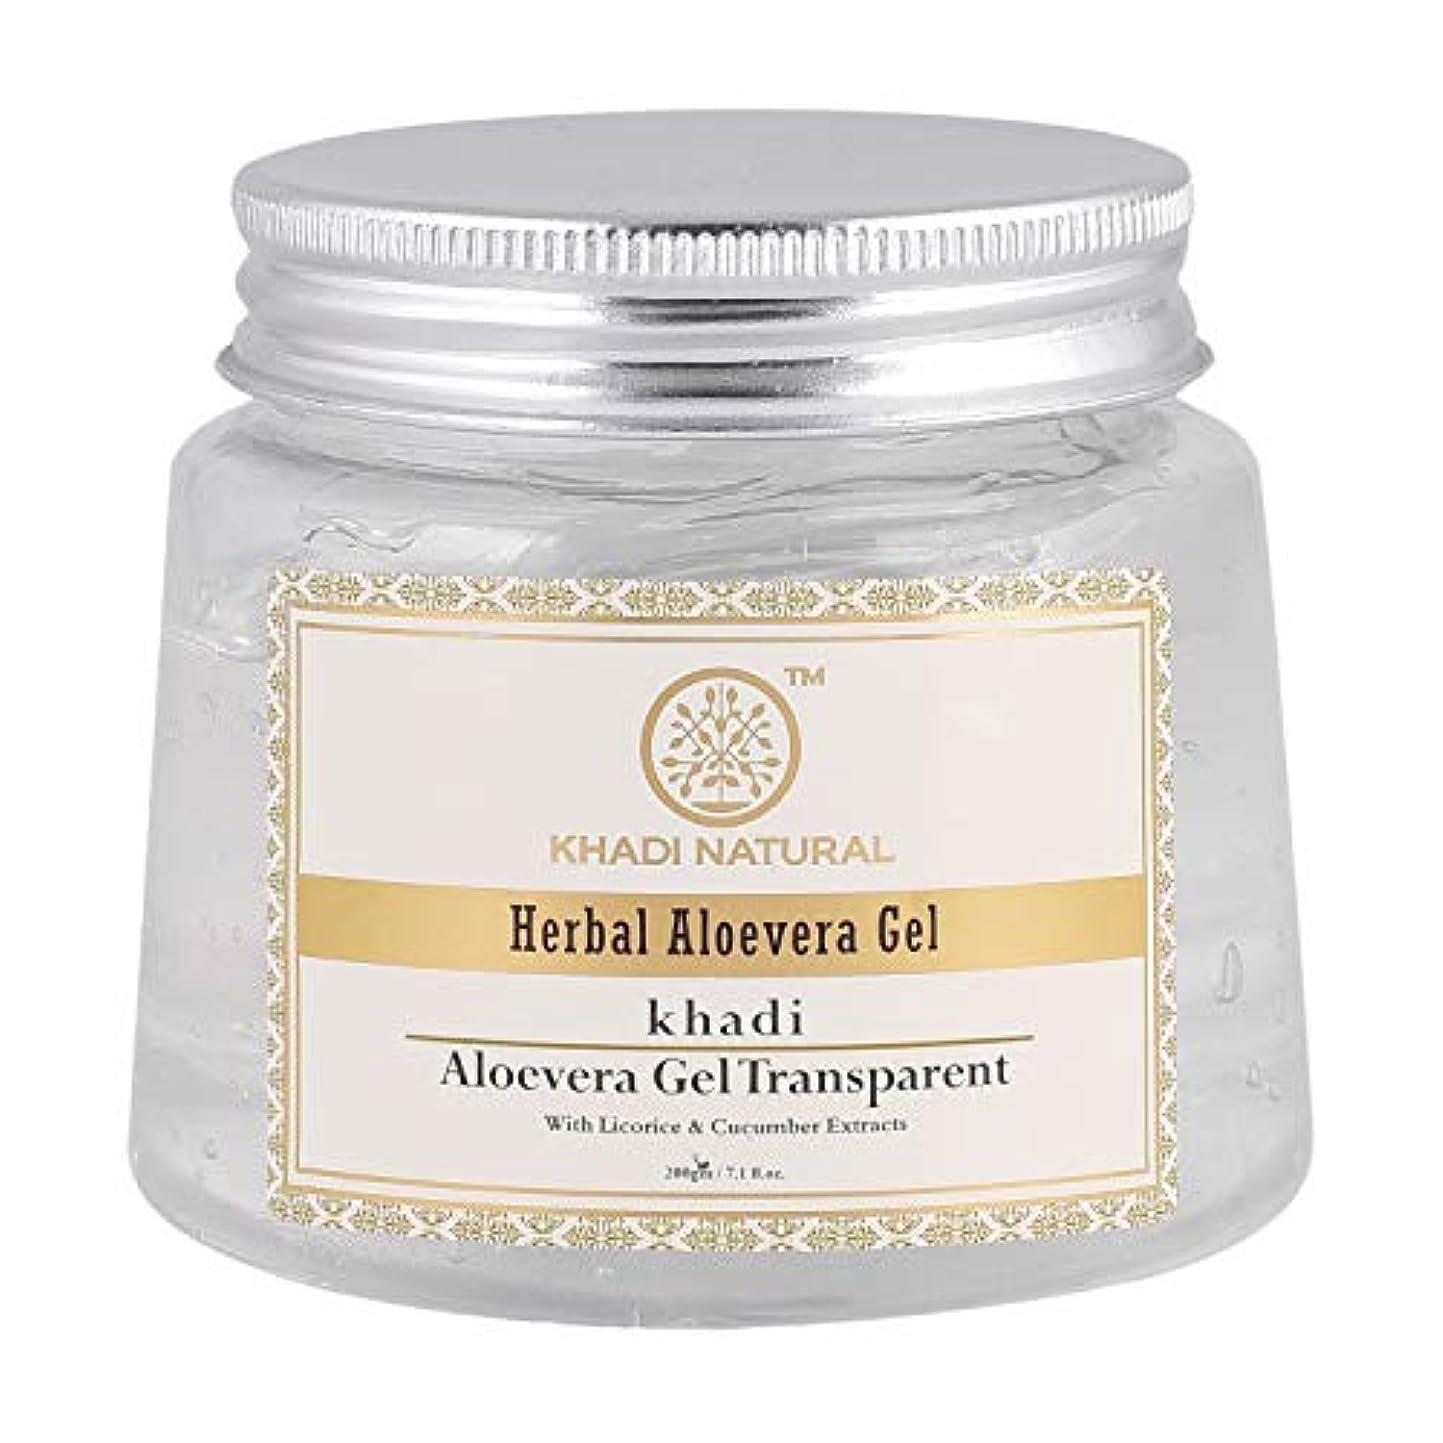 うそつき起きているフェミニンKhadi Natural Herbal Aloevera Gel With Liqorice & Cucumber Extracts 200g